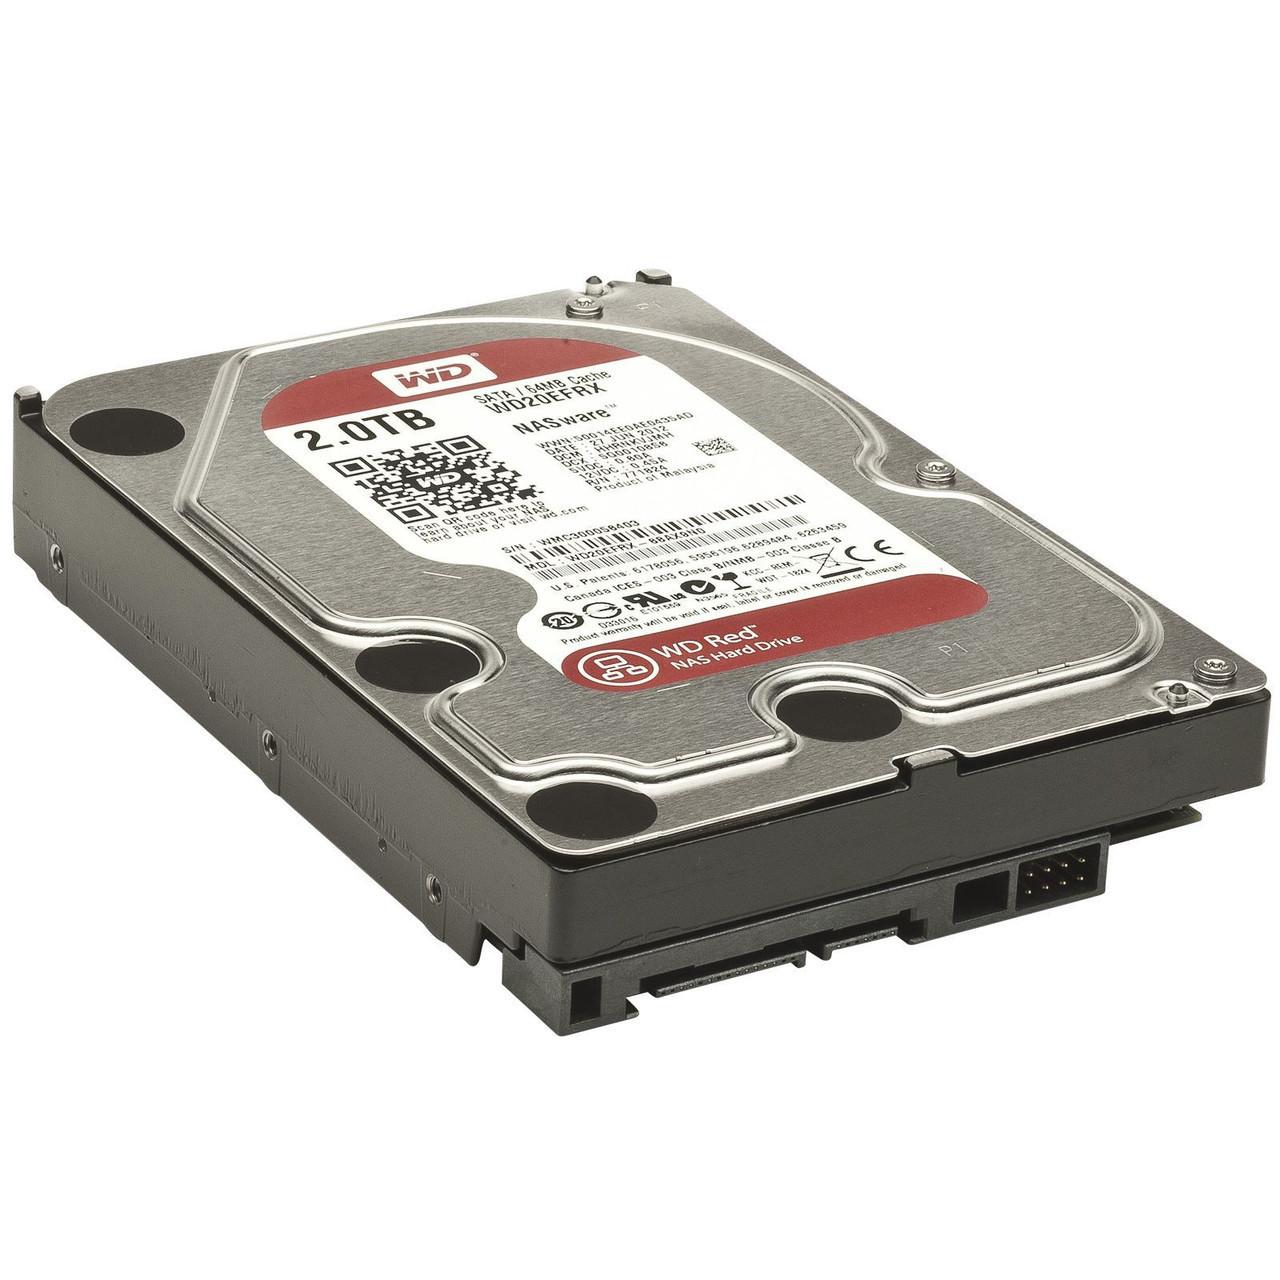 Жесткий диск для компьютера 2 Тб Western Digital Red, SATA 3, 64Mb, 54